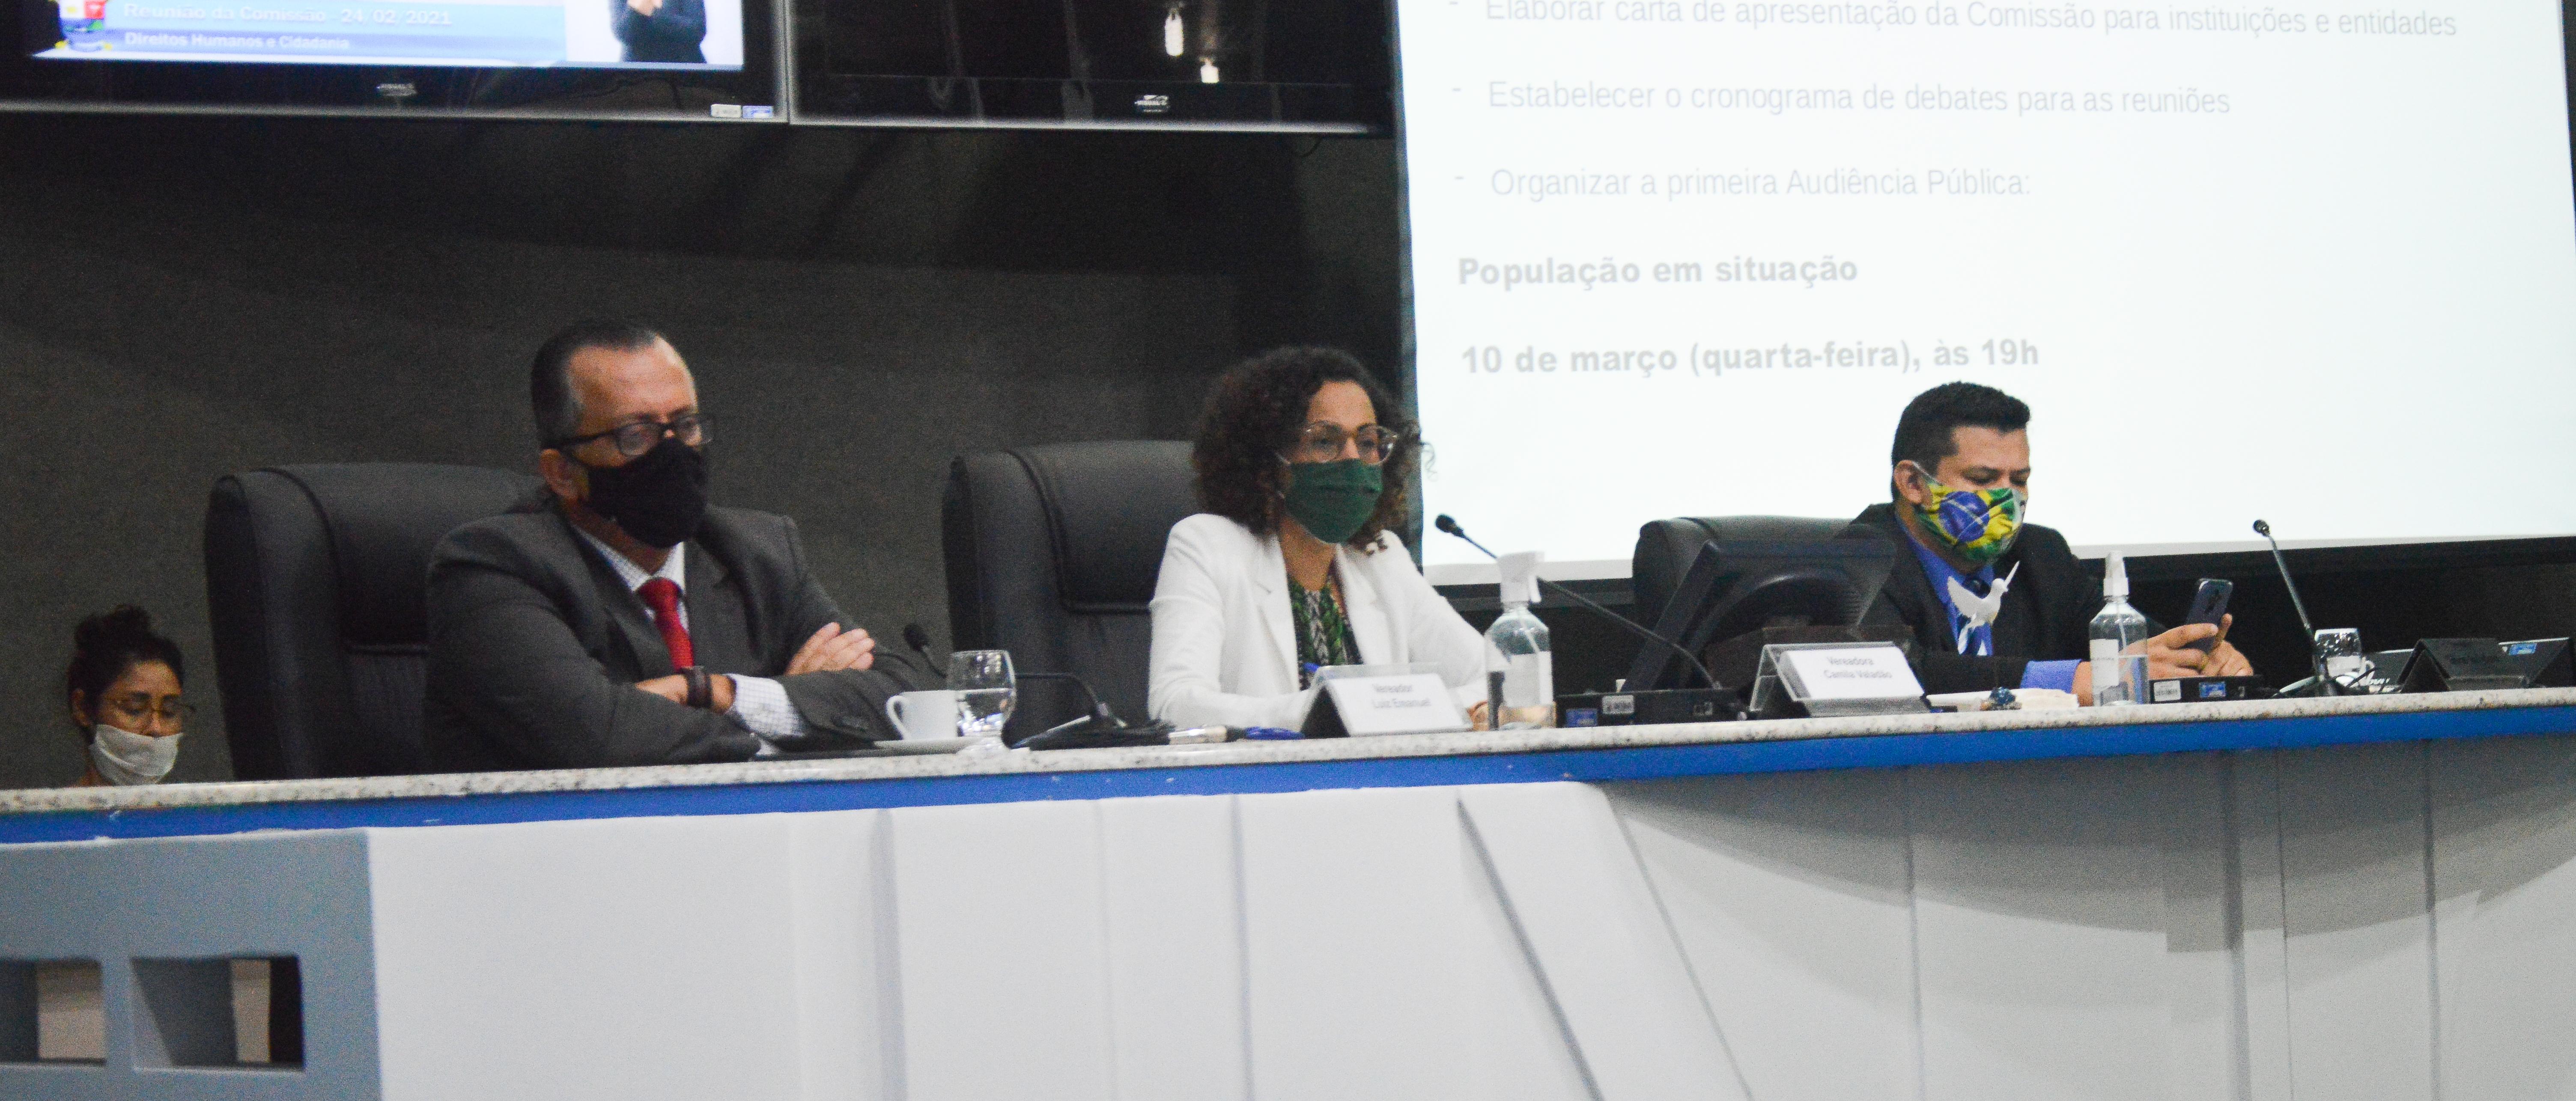 Comissão de Direitos Humanos e Cidadania é instalada